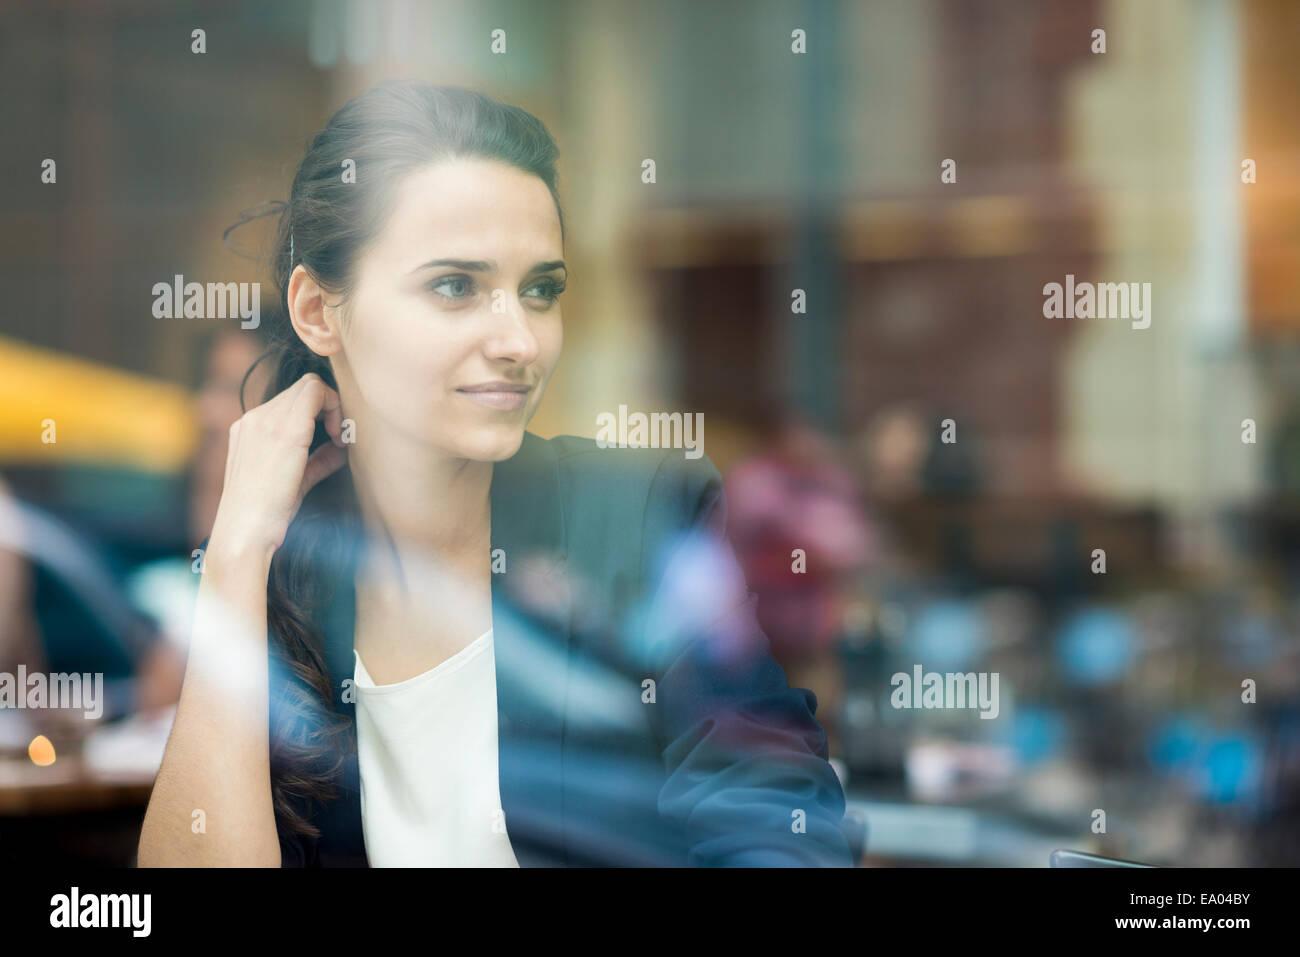 La empresaria mirando por la ventana café, Londres, Reino Unido. Imagen De Stock